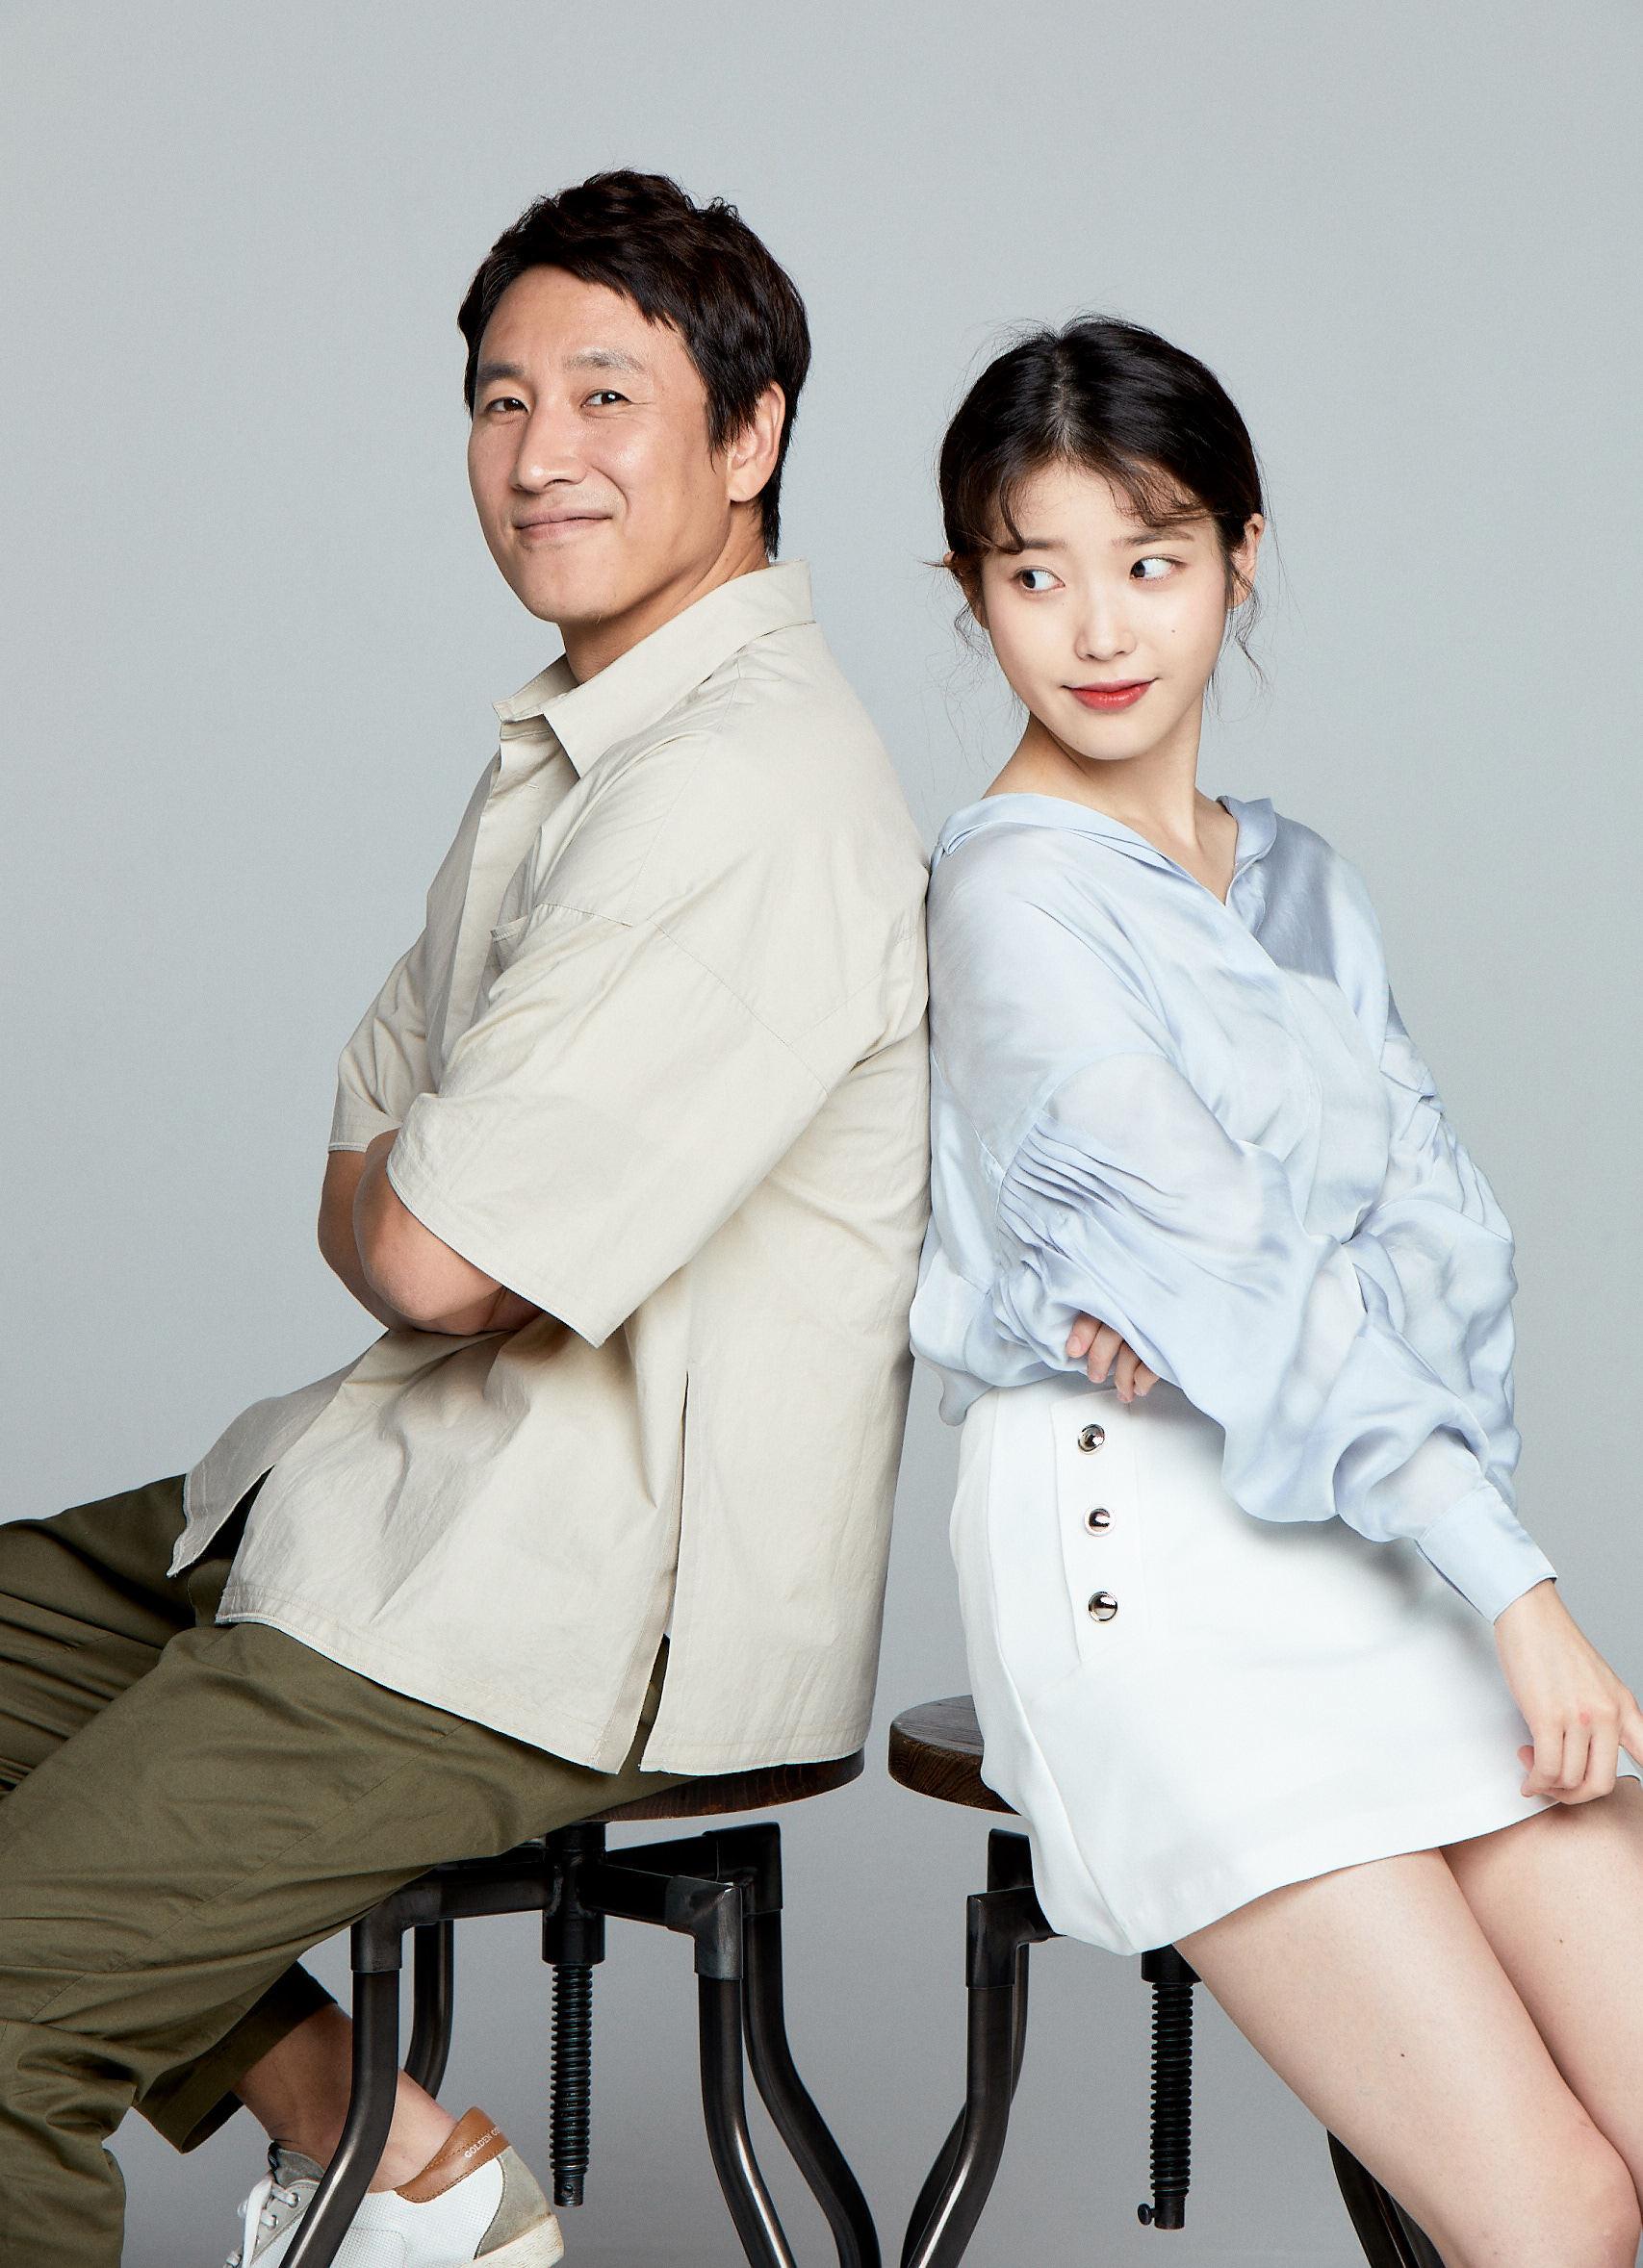 これぞ人生ドラマ、「私のおじさん」のイ・ジウン(IU)さん&イ・ソンギュンさんインタビュー_1_1